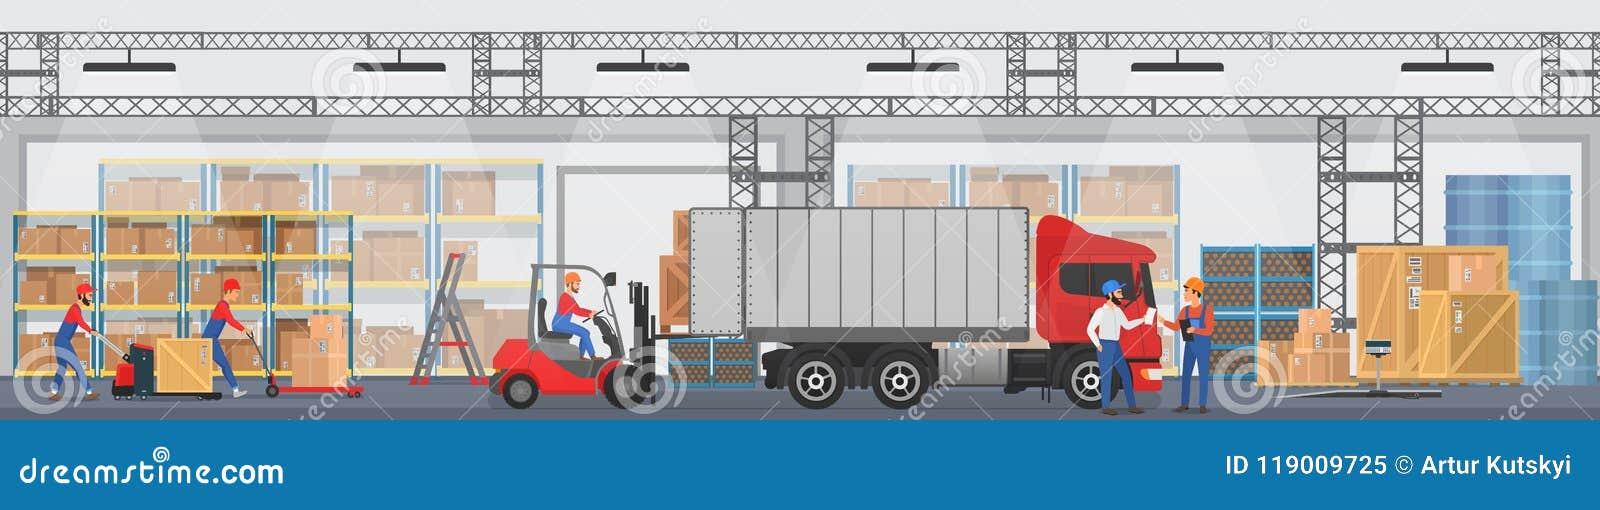 Vektorlagerinre med arbetare som ordnar gods på hyllorna och doppet, boxas in i en lastbil Modernt lager